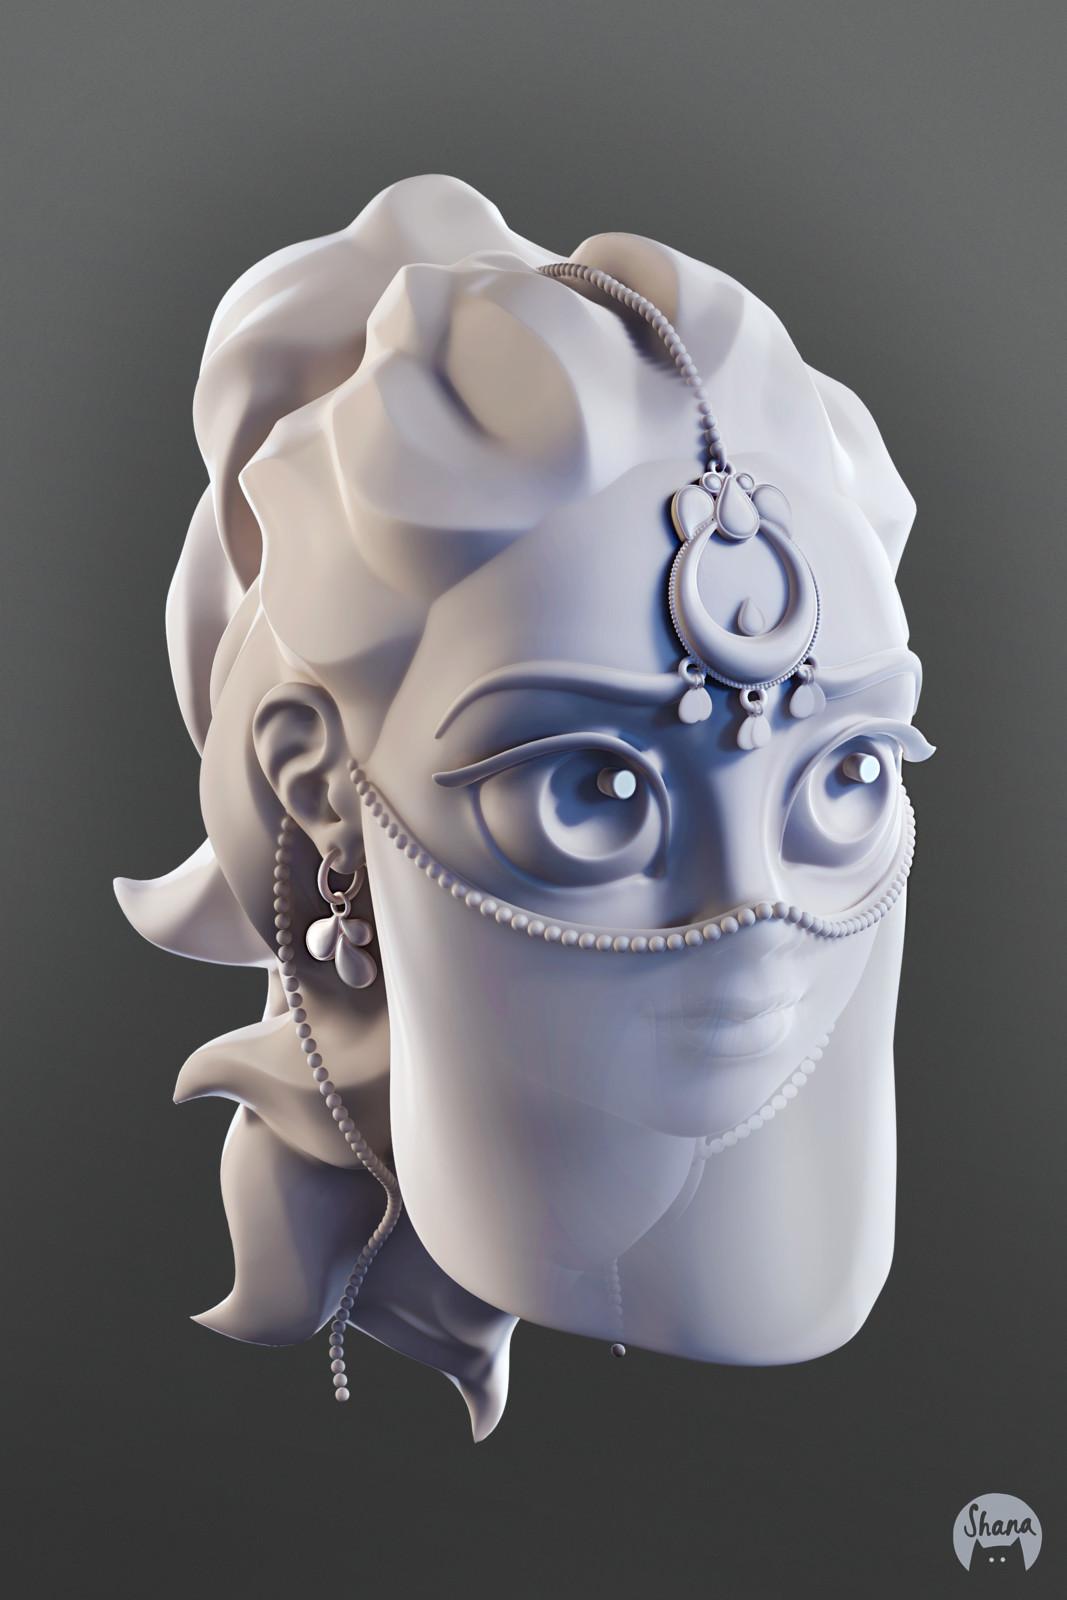 Eyes - SculptJanuary